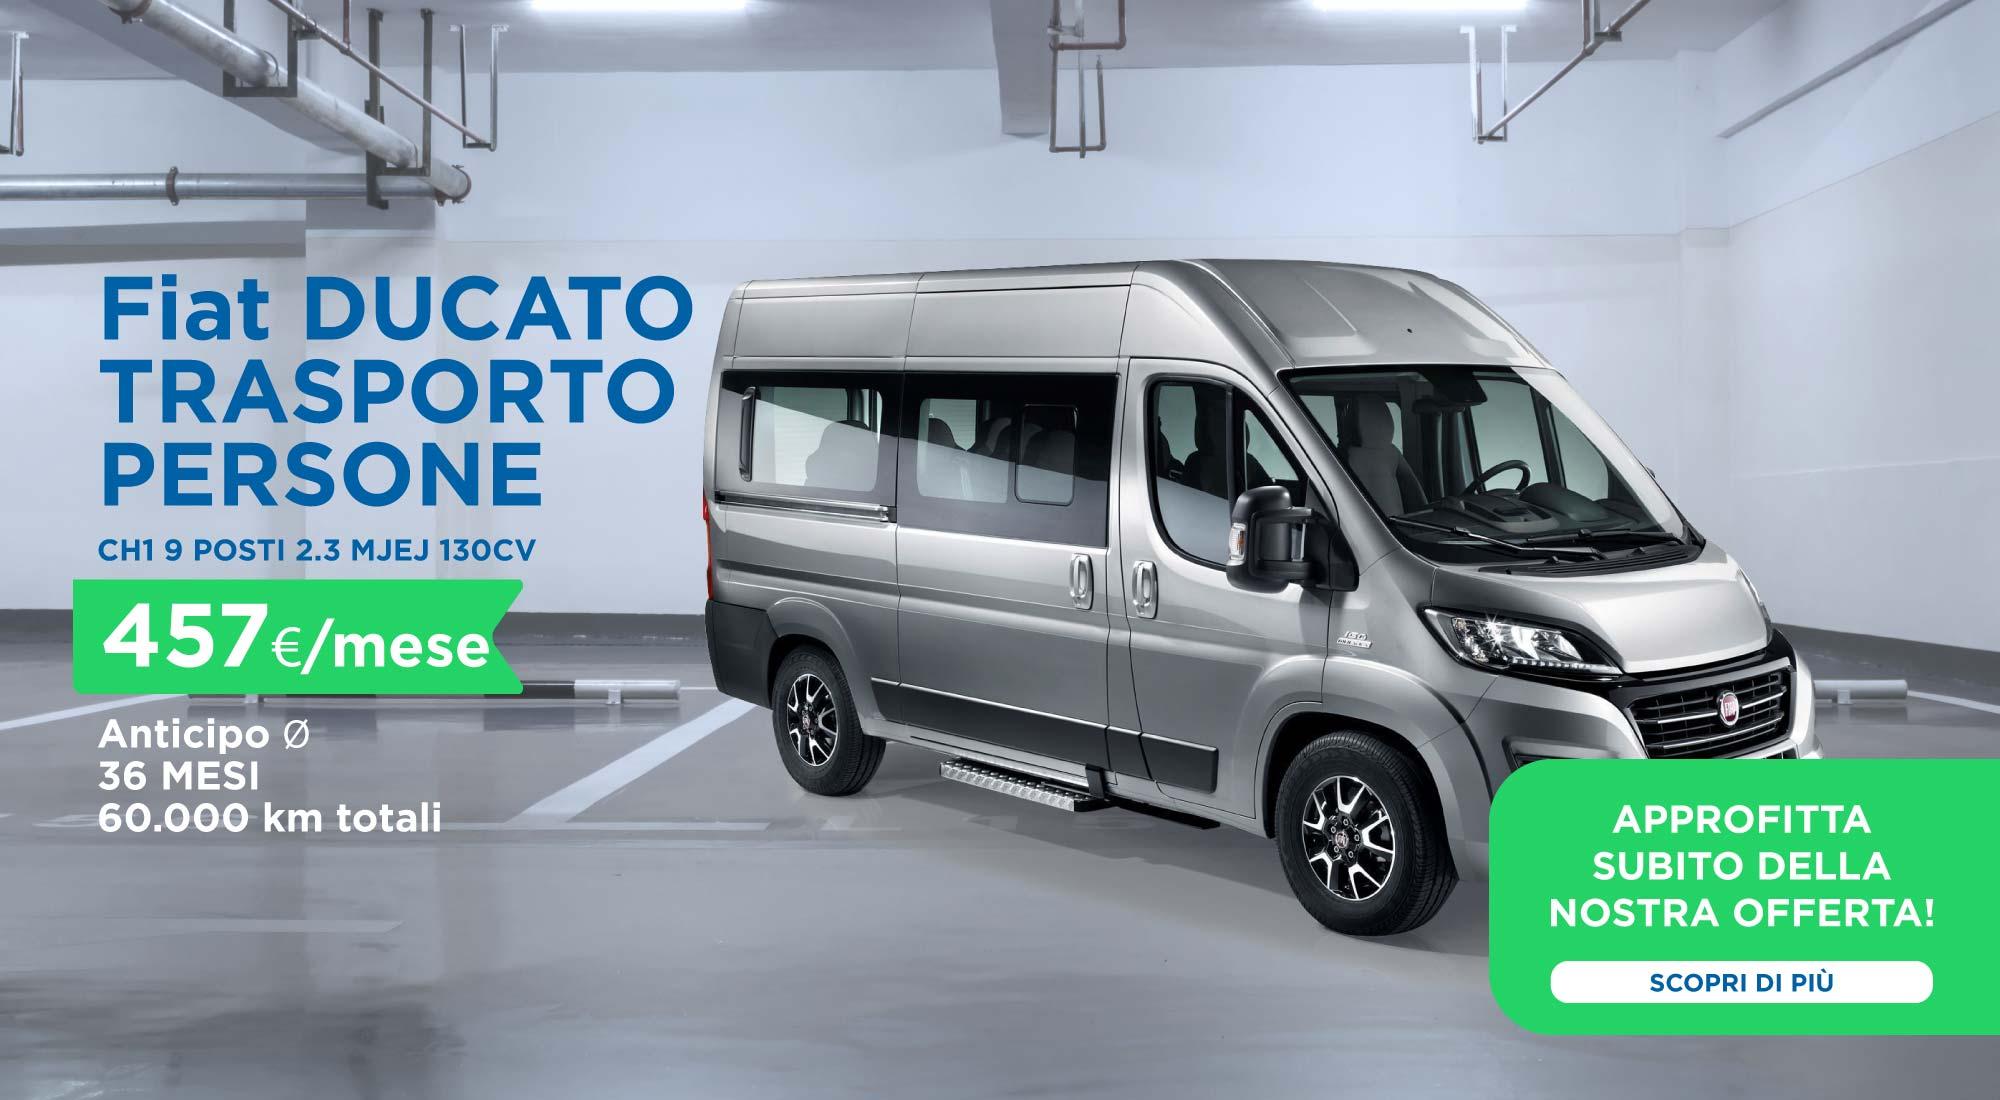 club-rent-fiat-ducato_trasporto-persone_promo